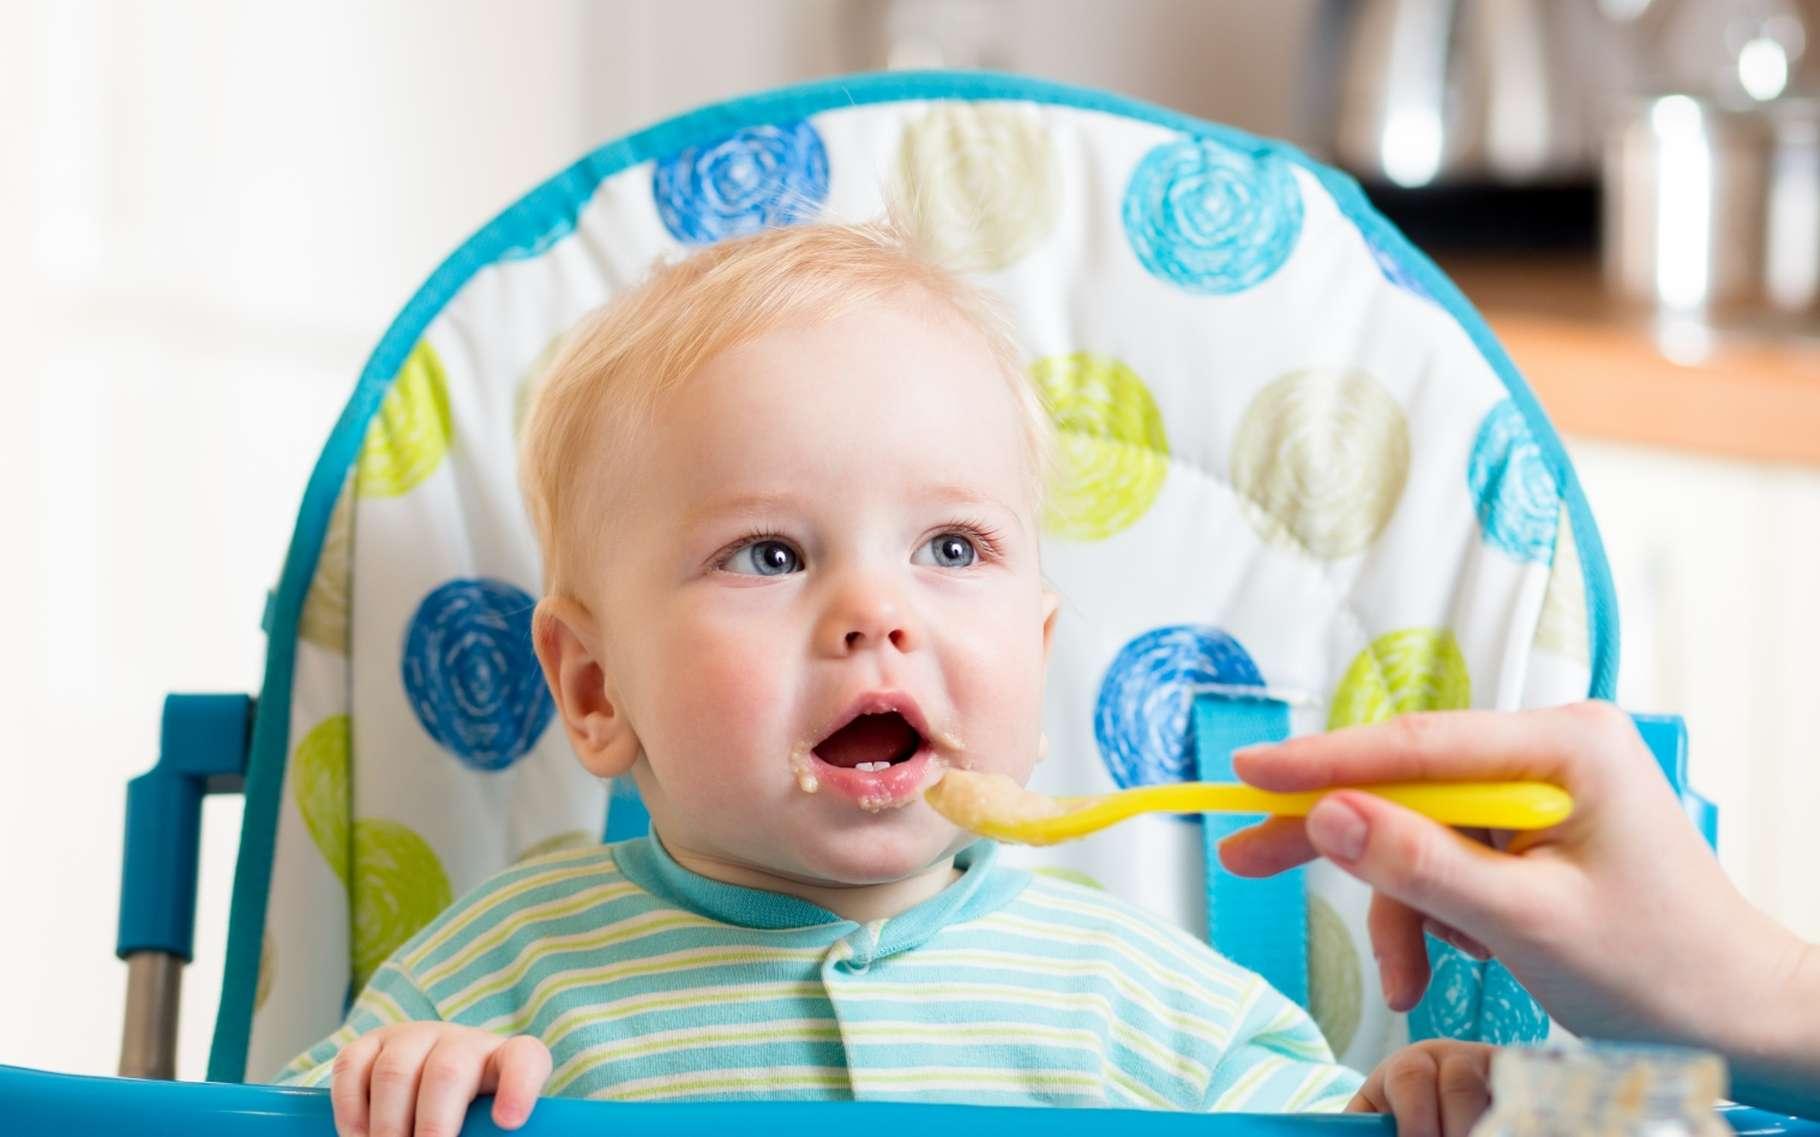 L'alimentation des enfants de moins de trois ans est bonne qualité en France, d'après l'étude de l'Anses. Les analyses montrent tout de même des points à surveiller ou à améliorer, notamment sur les teneurs en plusieurs substances toxiques. © Oksana Kuzmina, Shutterstock